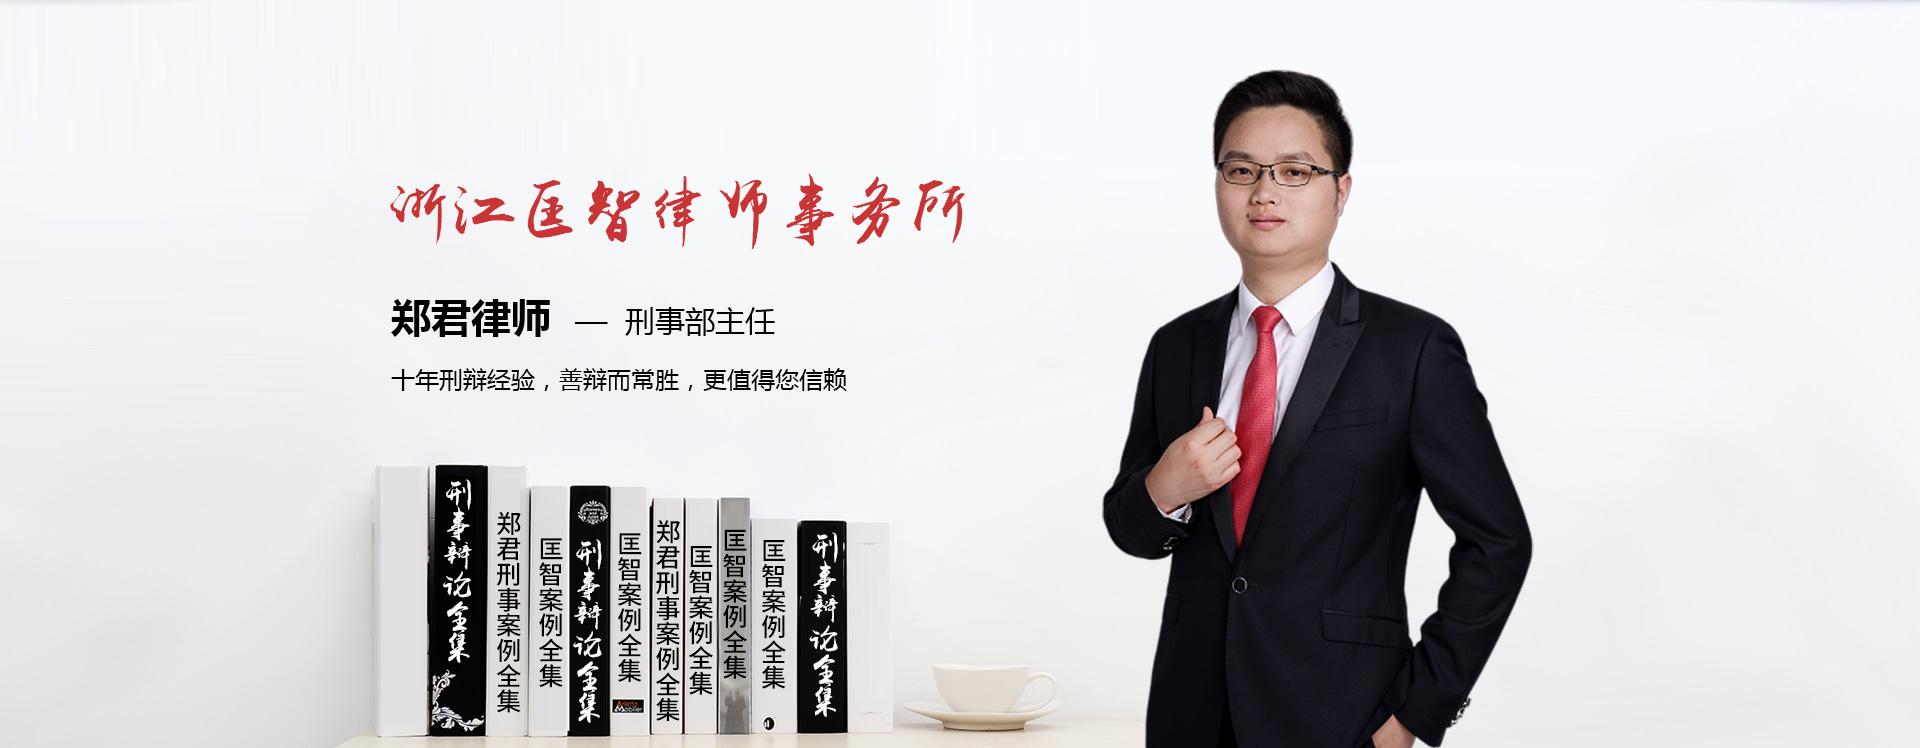 浙江匡智律师事务所刑事部